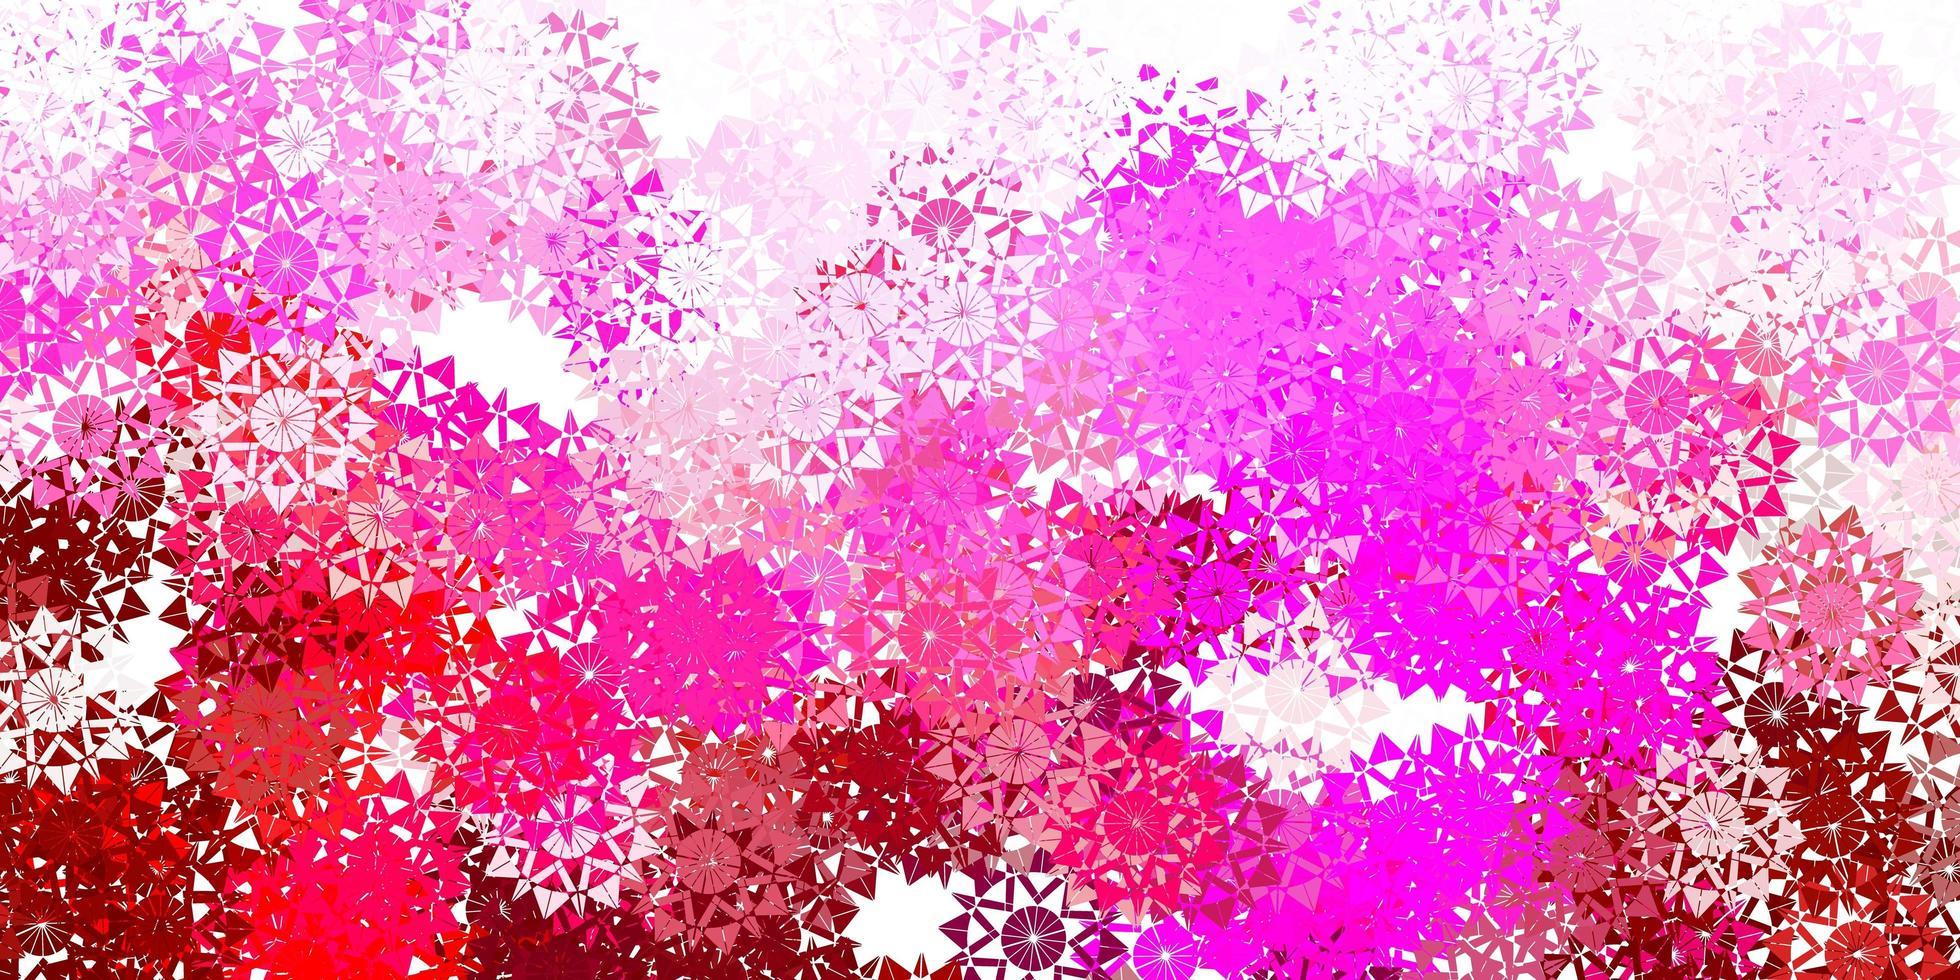 texture vecteur rose clair avec des flocons de neige brillants.